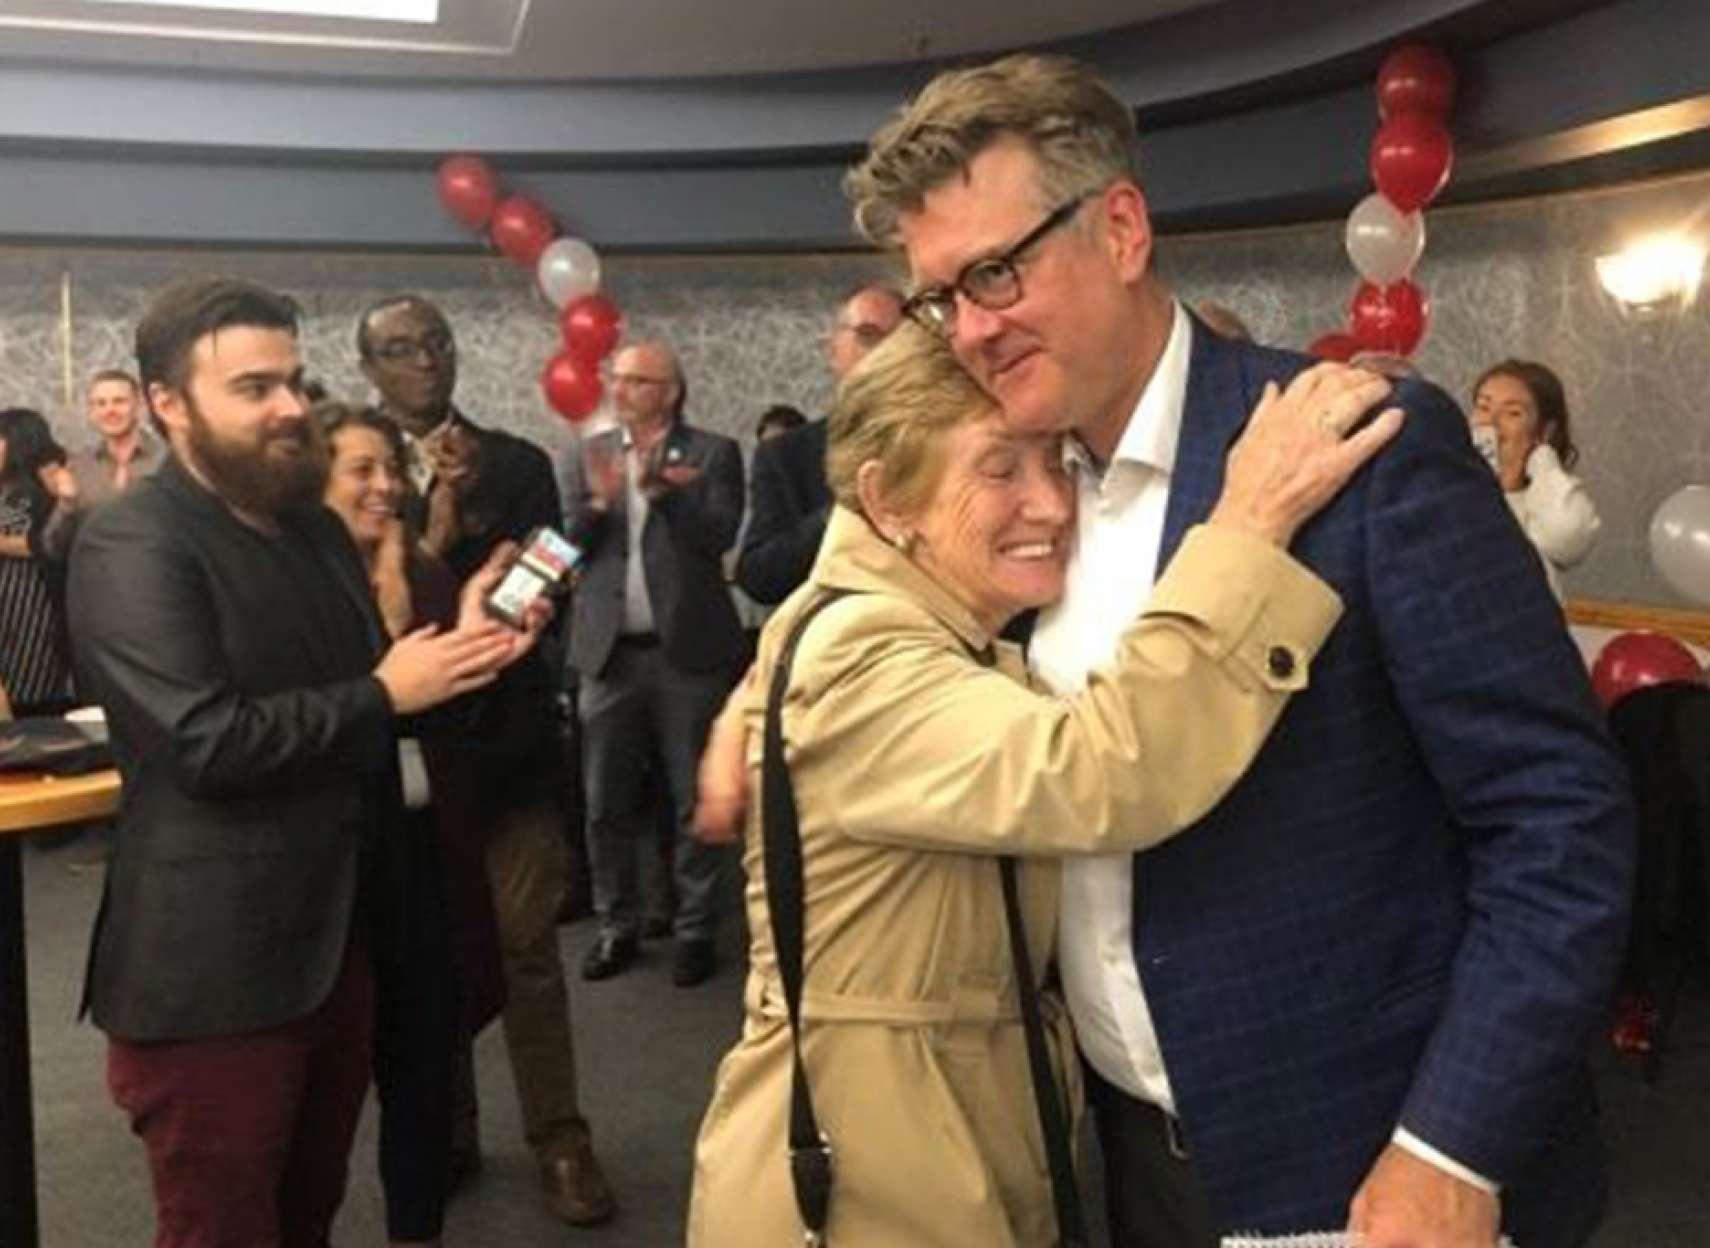 اخبار-کانادا-پیروزی-محافظهکاران-در-انتخابات-مانیتوبا